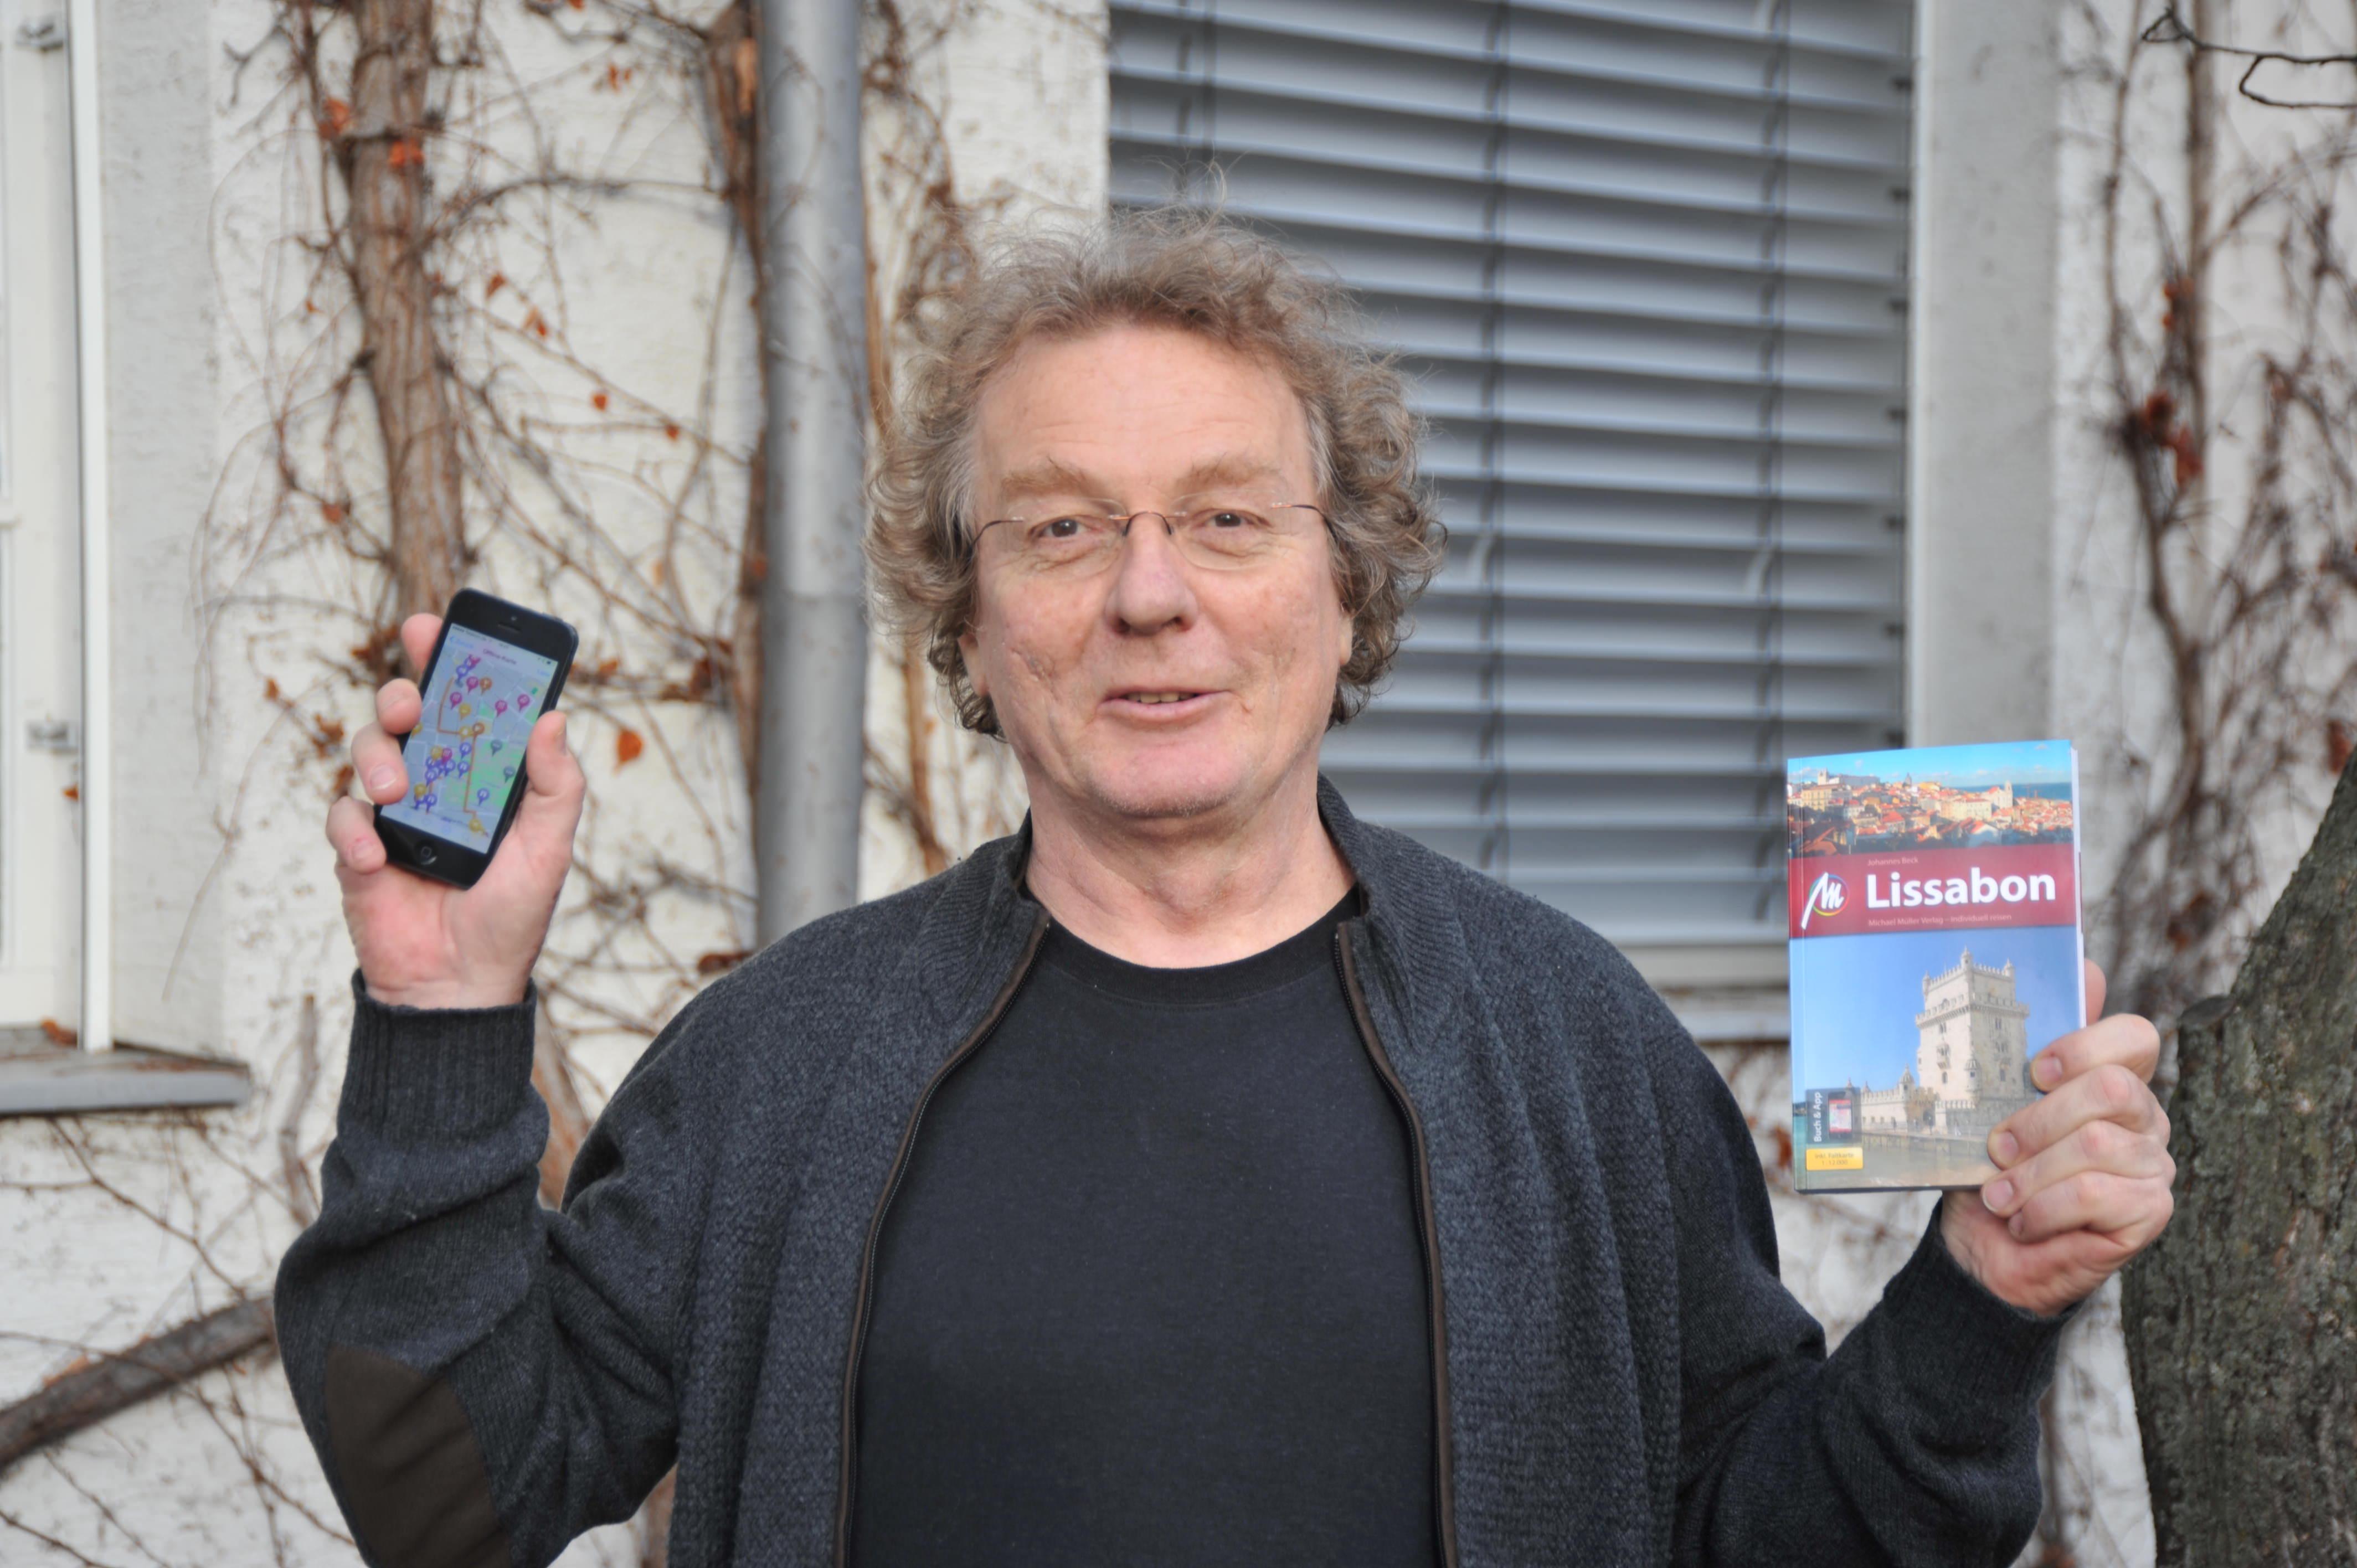 Vom Weltreisenden zum Appentwickler - Interview mit Selfmademan Michael Müller